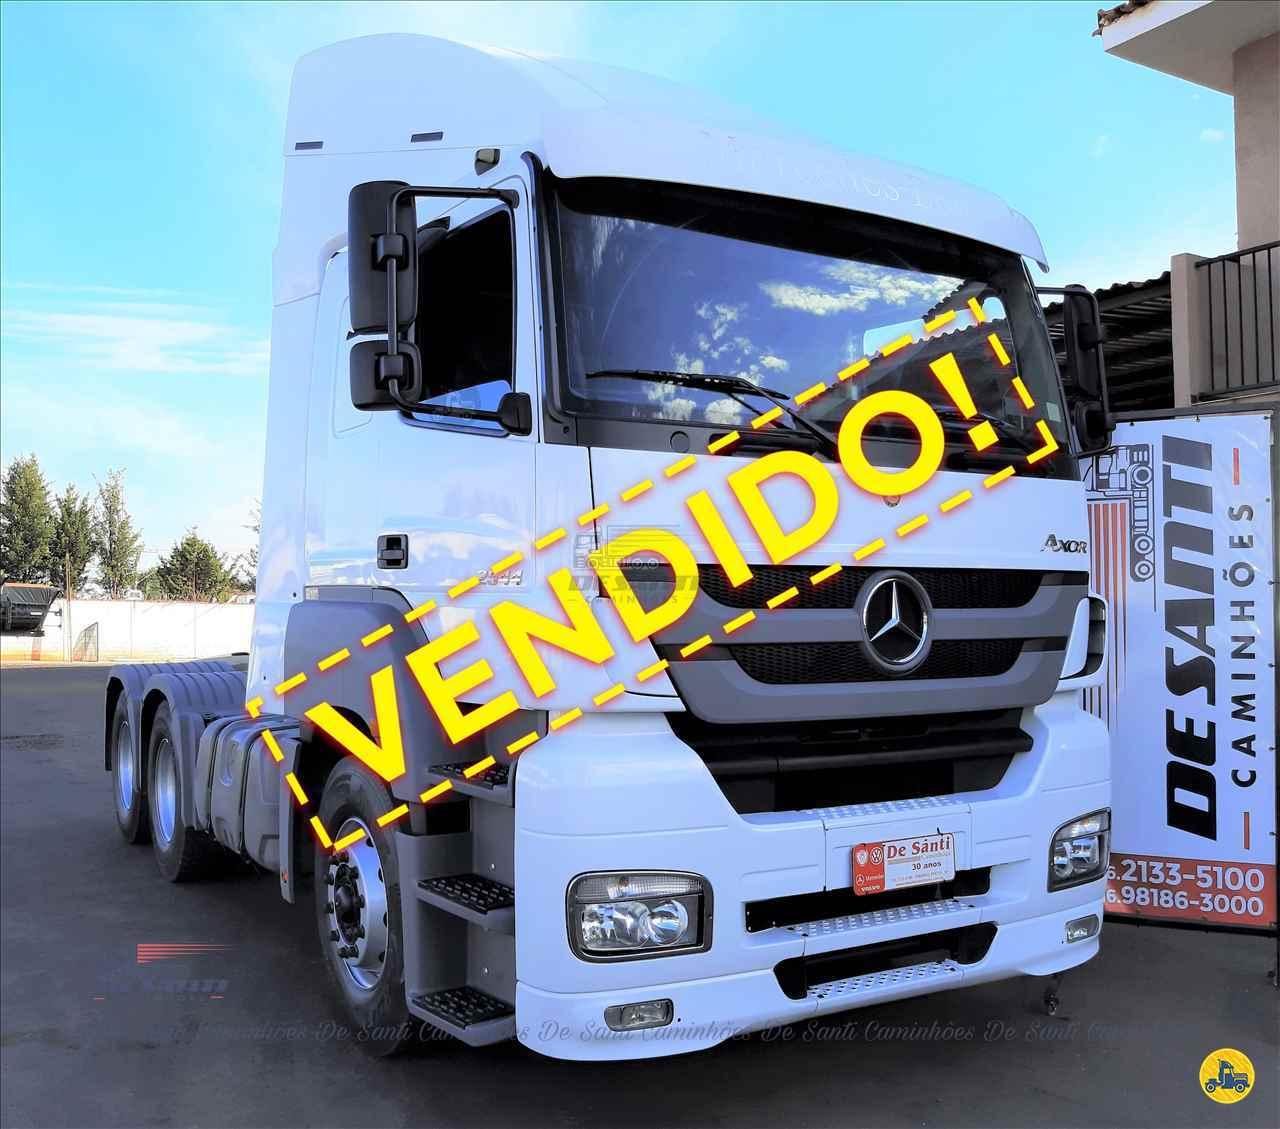 CAMINHAO MERCEDES-BENZ MB 2544 Cavalo Mecânico Truck 6x2 De Santi Caminhões RIBEIRAO PRETO SÃO PAULO SP